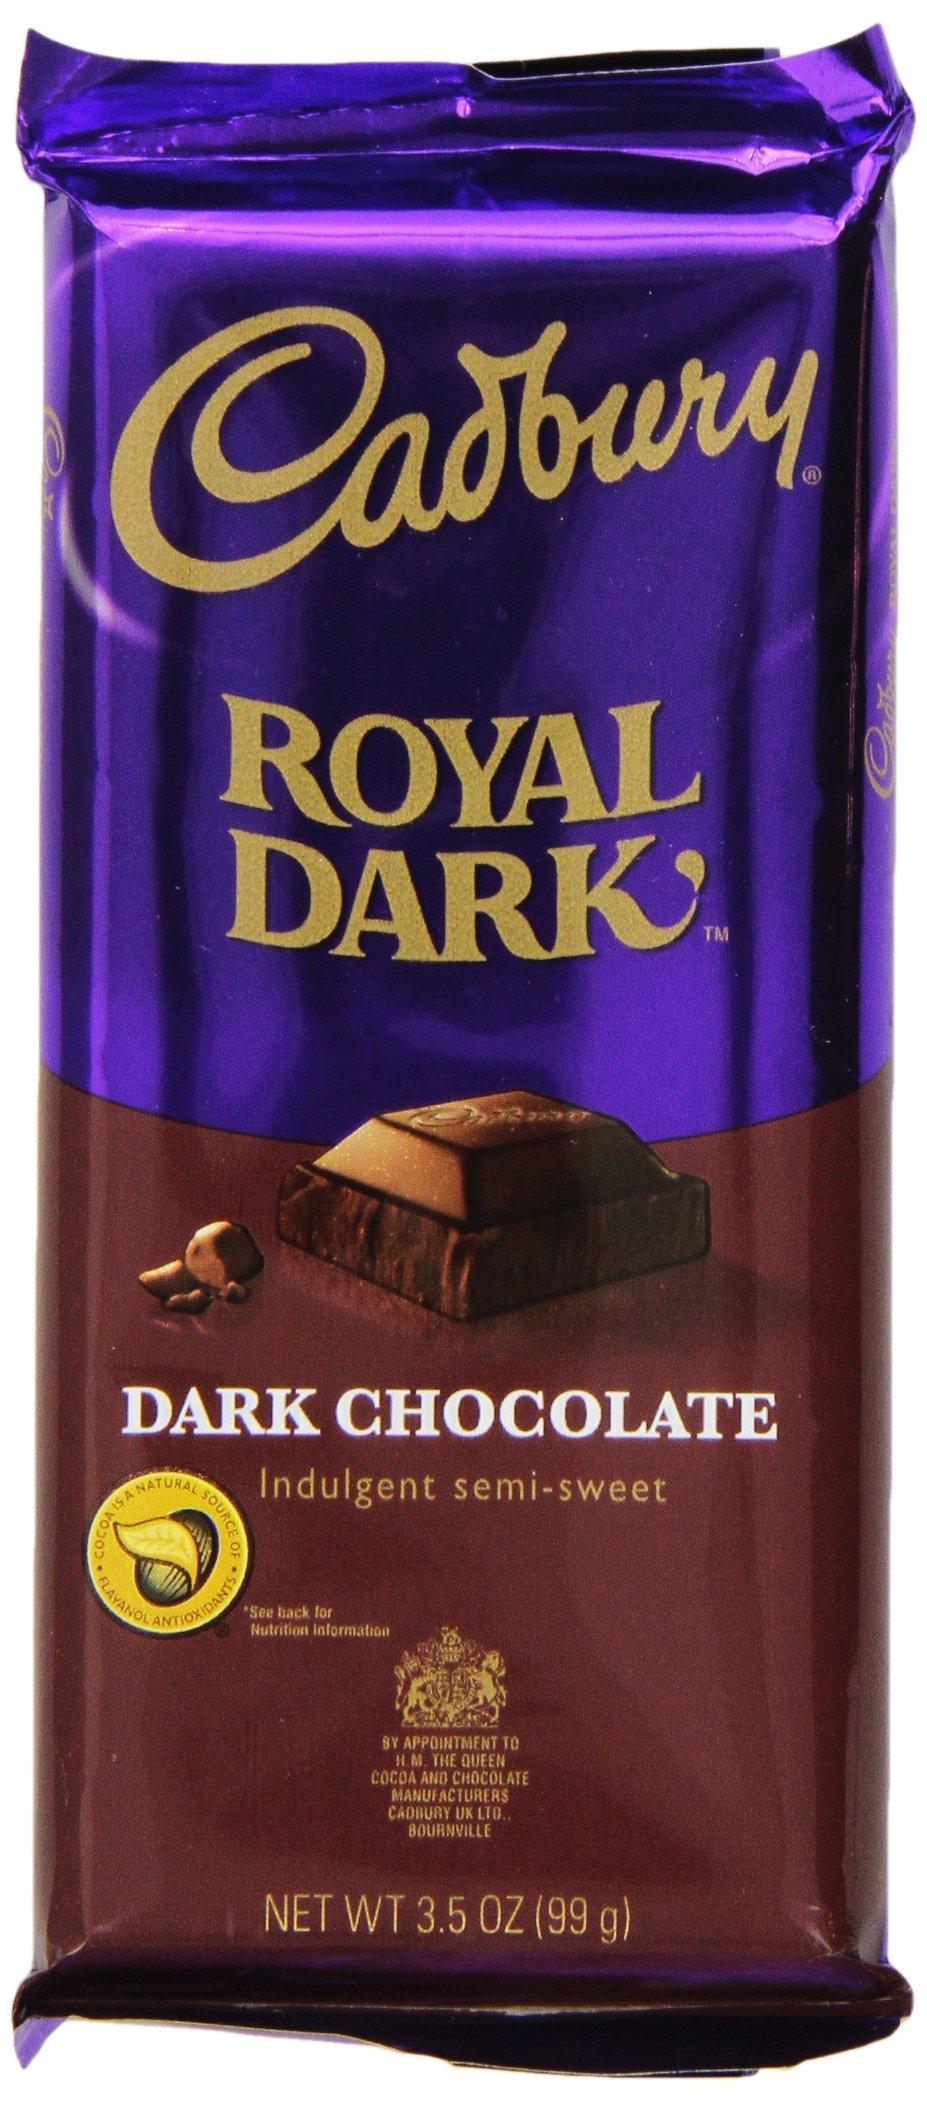 CADBURY Chocolate Candy Bar, Royal Dark Chocolate, 3.5 Ounce (Pack of 12) by Cadbury